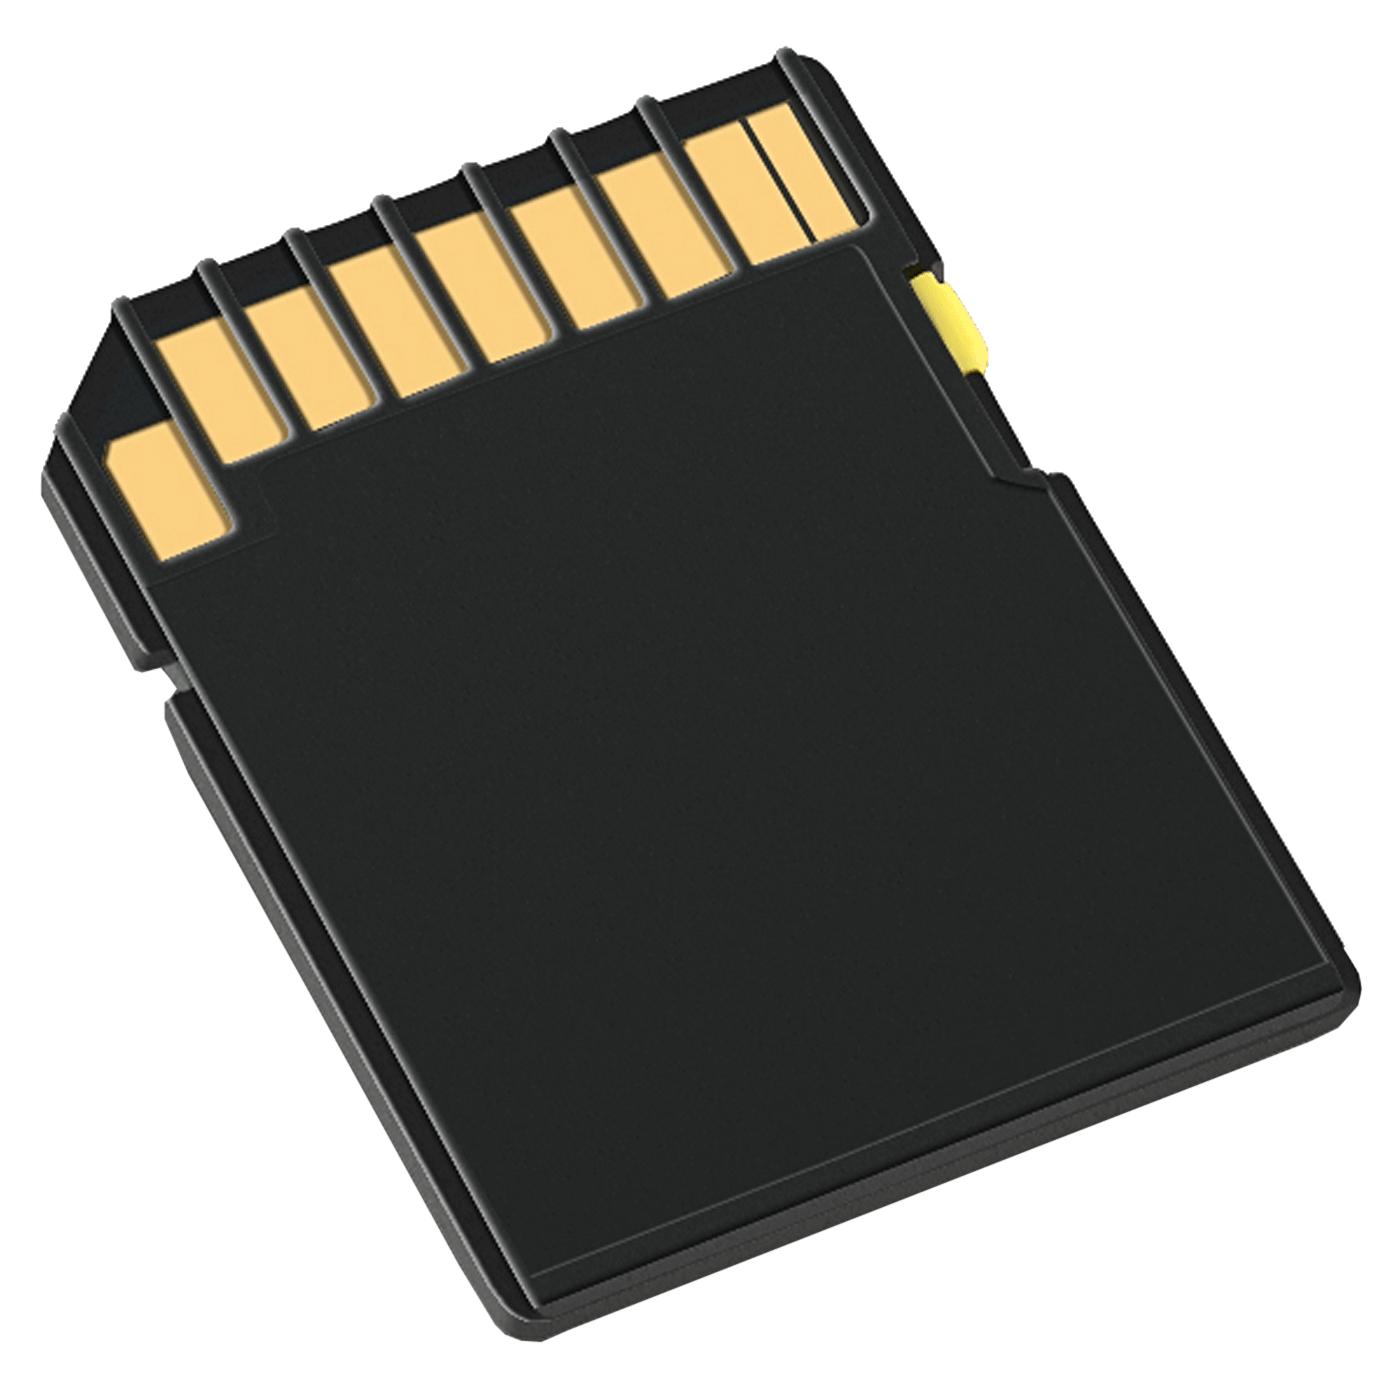 SD Kartica 16GB Class 10 (SDHC & SDXC) Bulk